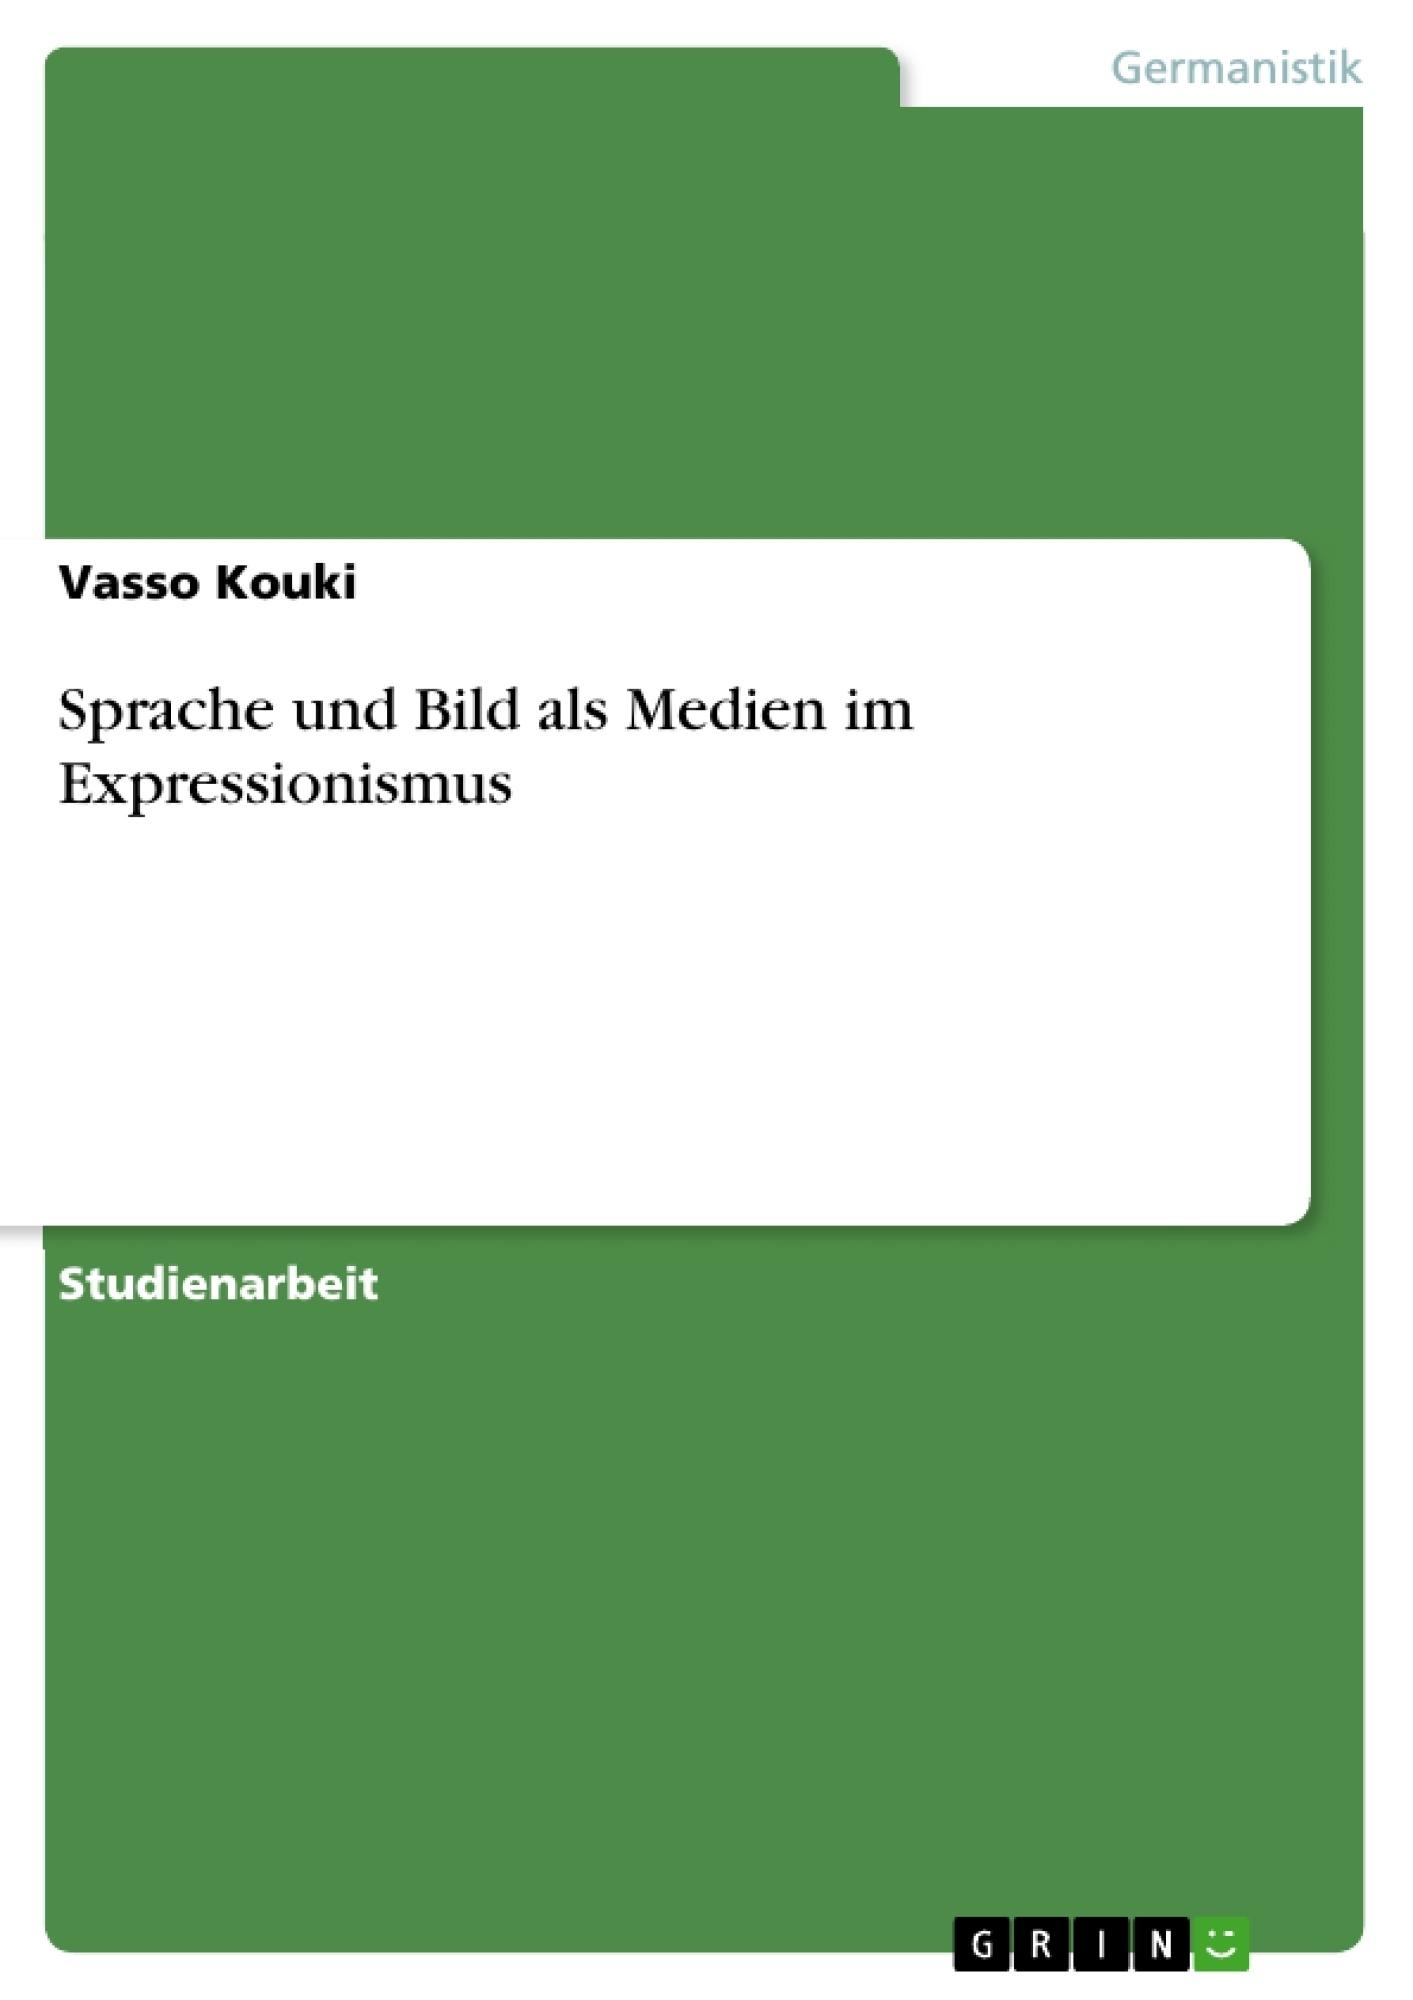 Titel: Sprache und Bild als Medien im Expressionismus